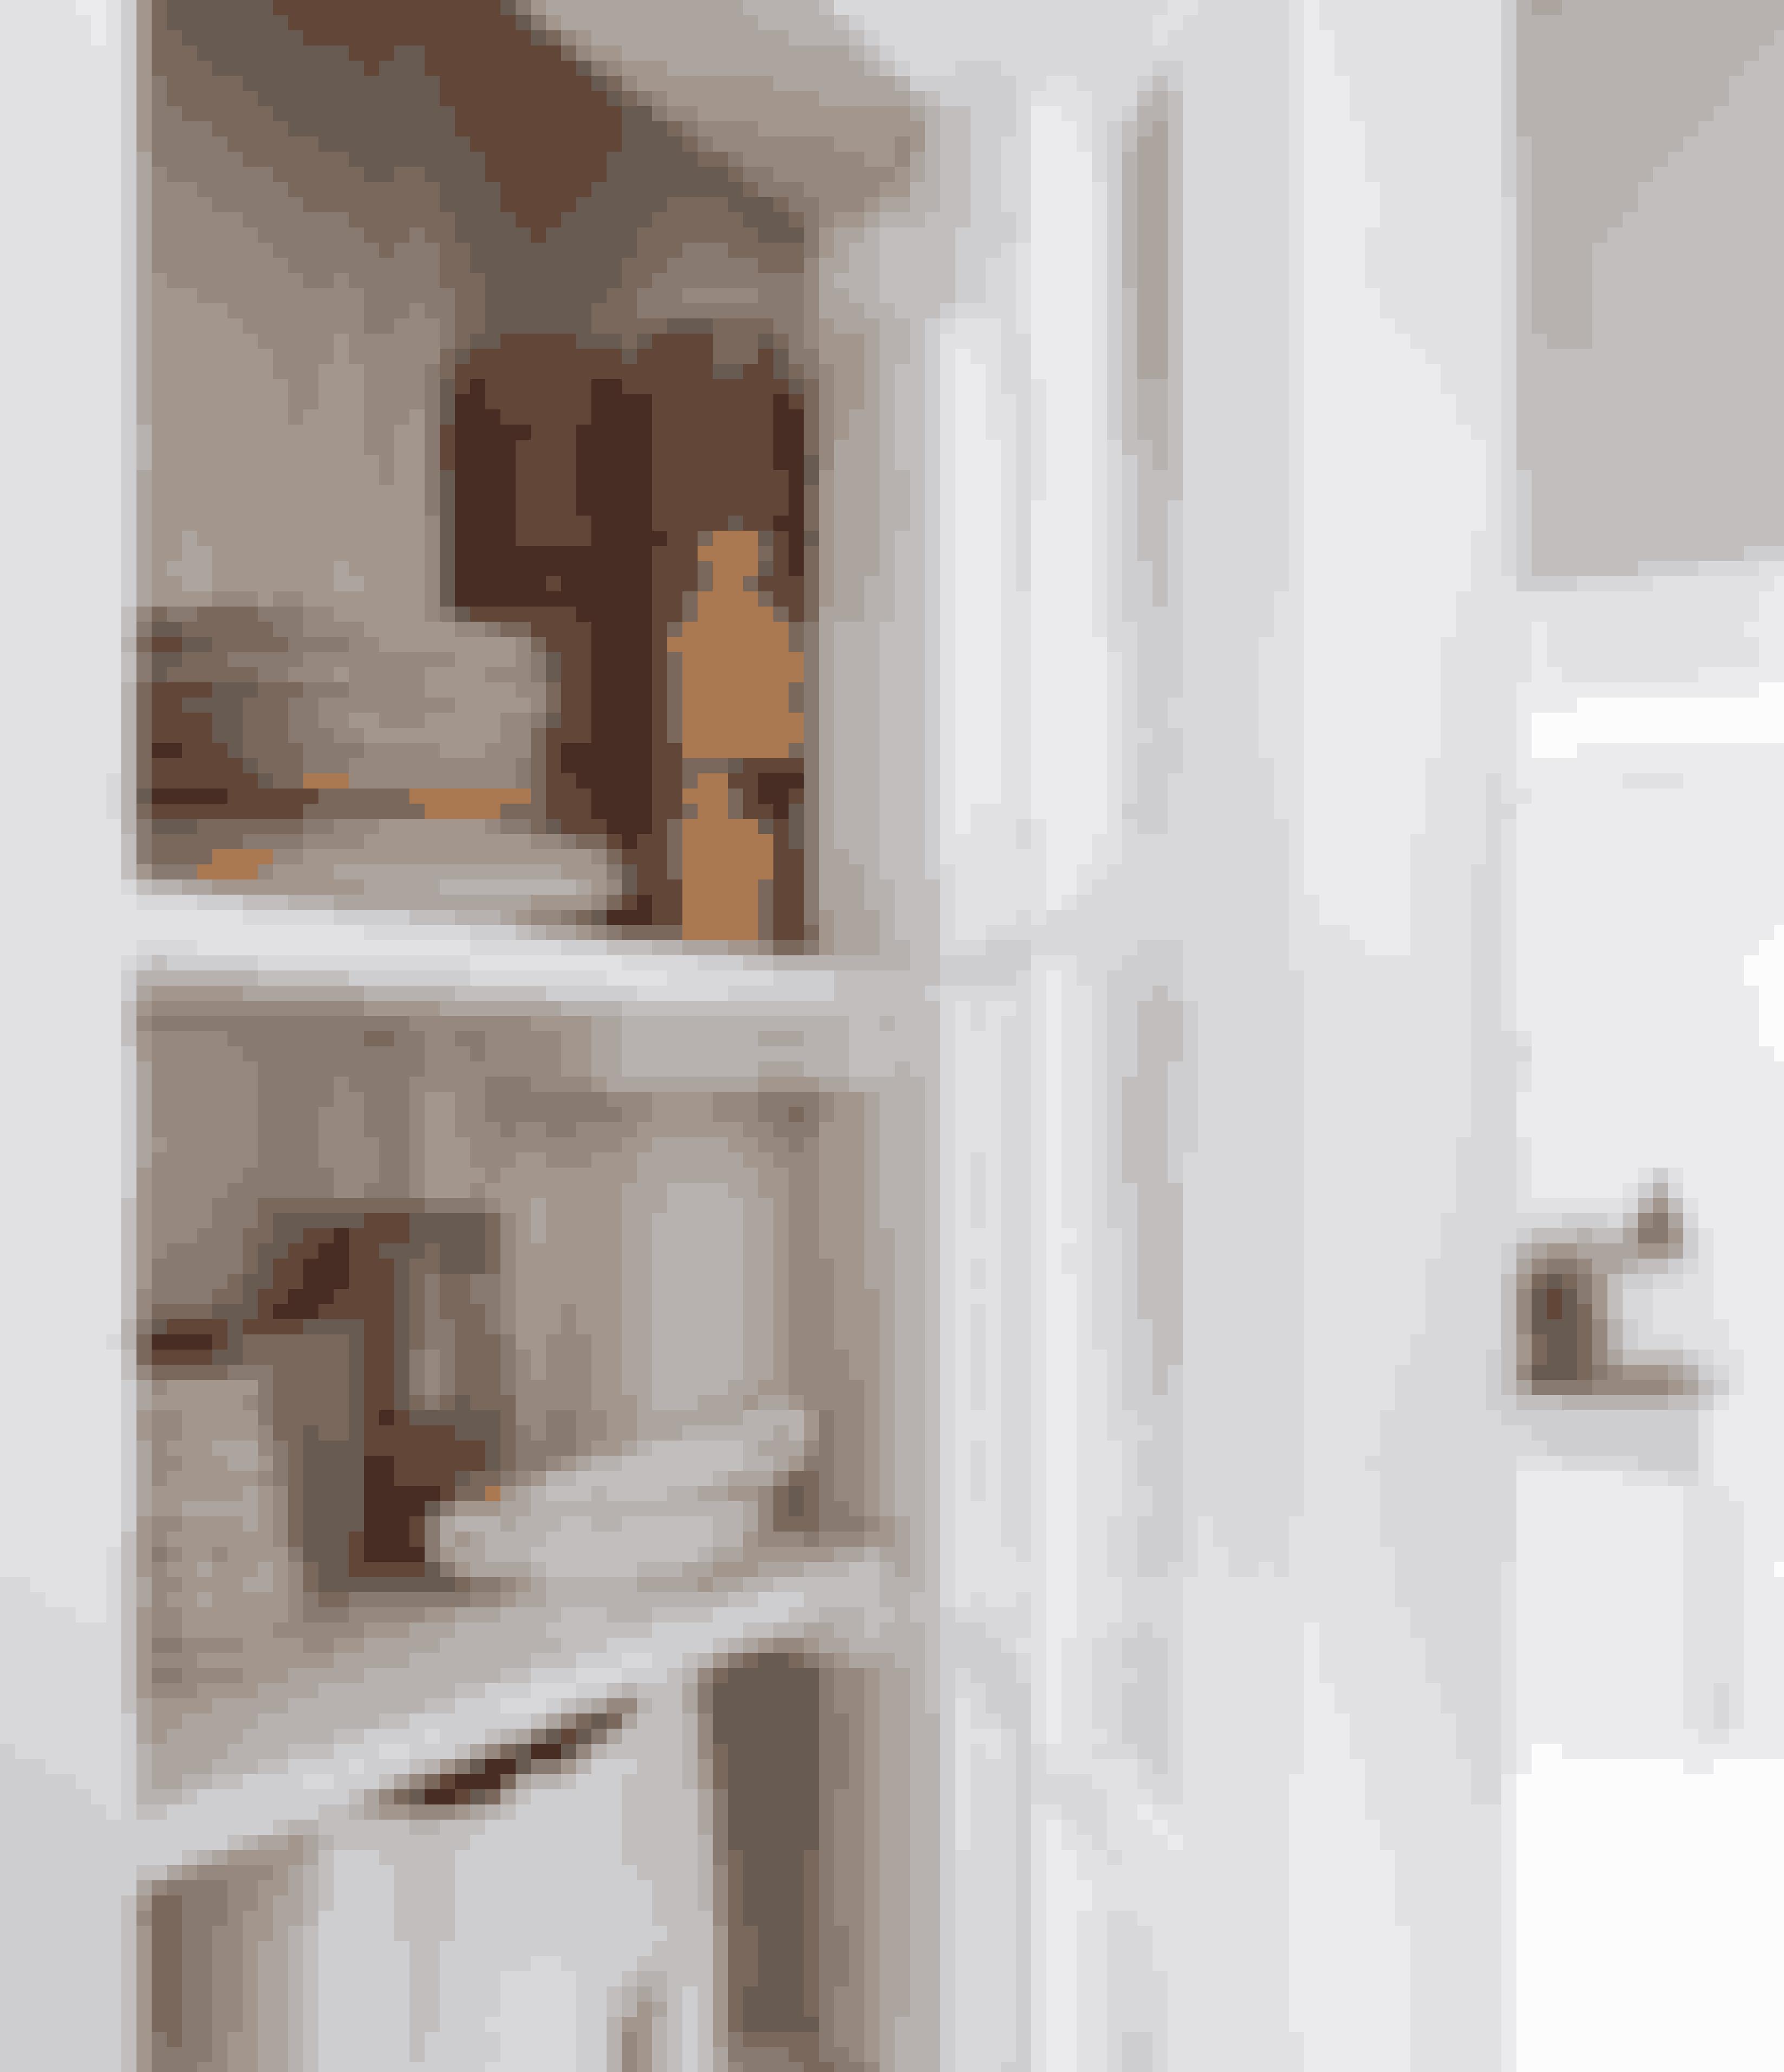 Med et vitrineskab eller åbne hylder kan du vise dine ting frem, men stadig holde dem samlet, så det ikke virker rodet.